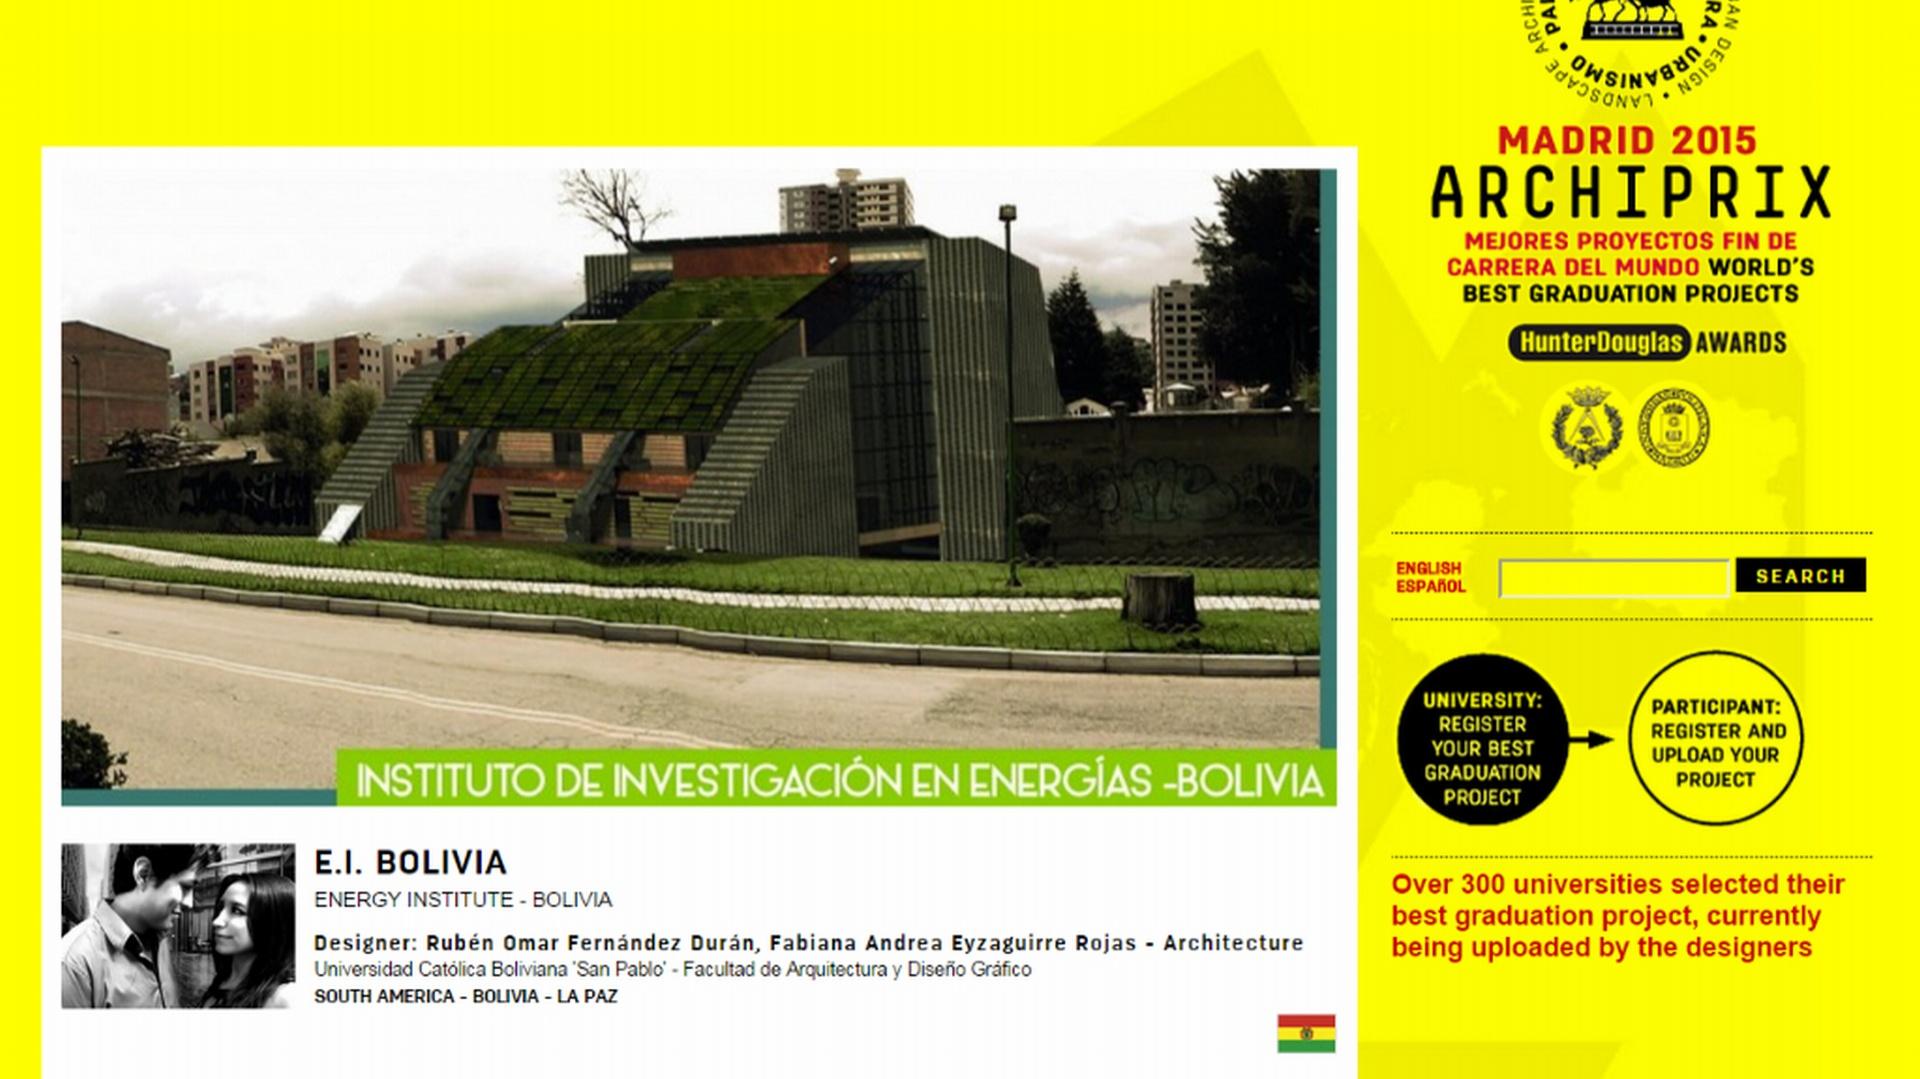 Archiprix International co dwa lata zaprasza obiecujących architektów z całego świata do zaprezentowania swojego projektu dyplomowego. Niezależne międzynarodowe jury nominuje najlepsze propozycje do nagrody Hunter Douglas Awards. Fot. Archiprix